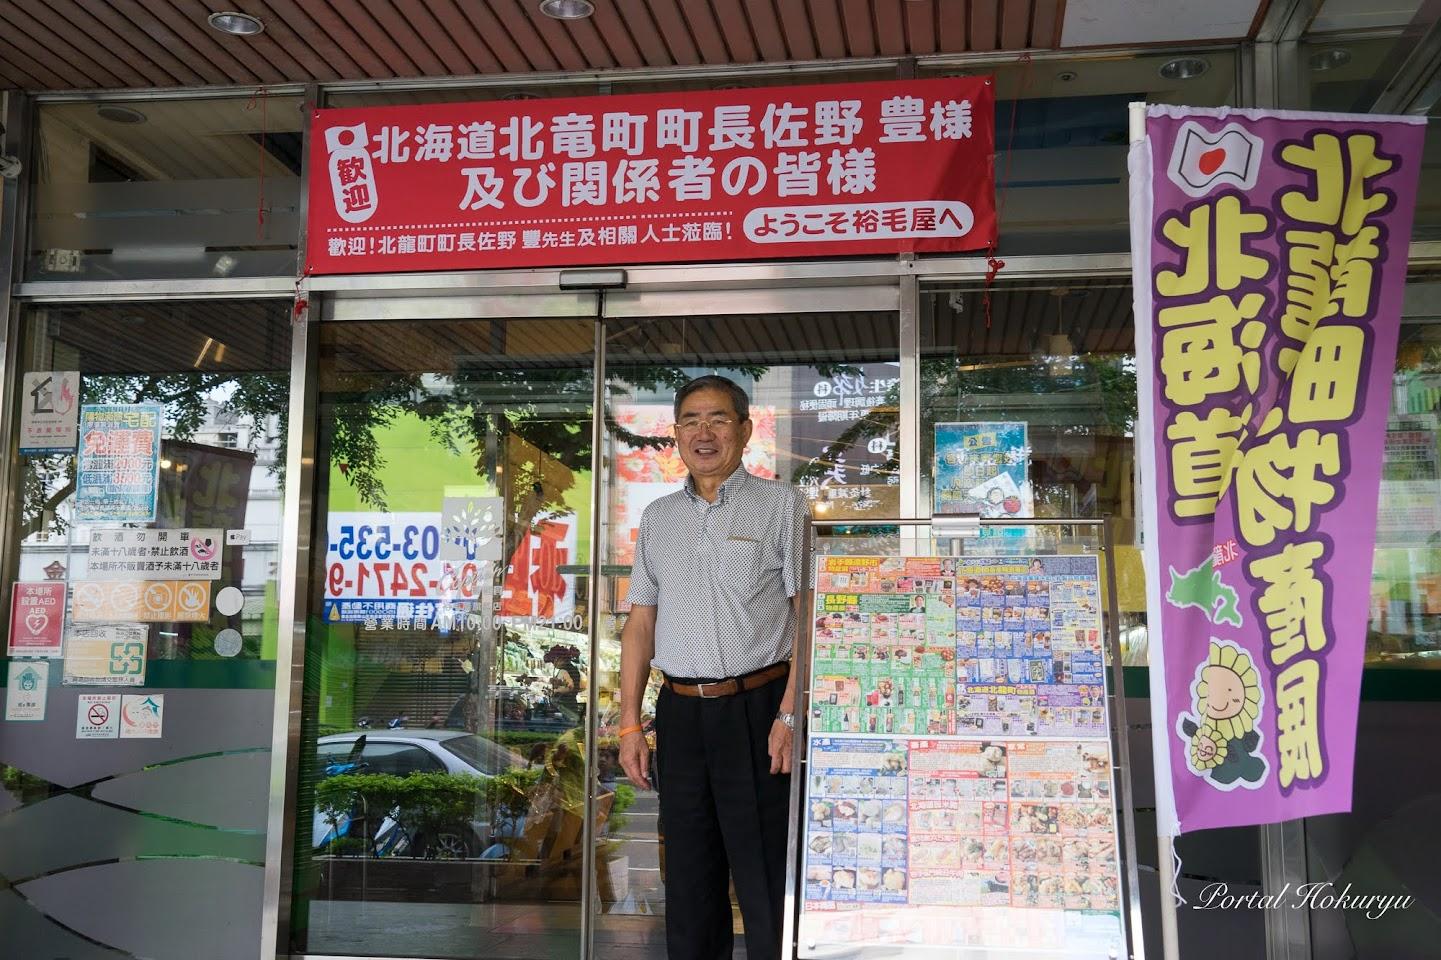 歓迎の横断幕「歓迎 北海道北竜町佐野豊町長様 及び関係者の皆様 ようこそ裕毛屋へ」